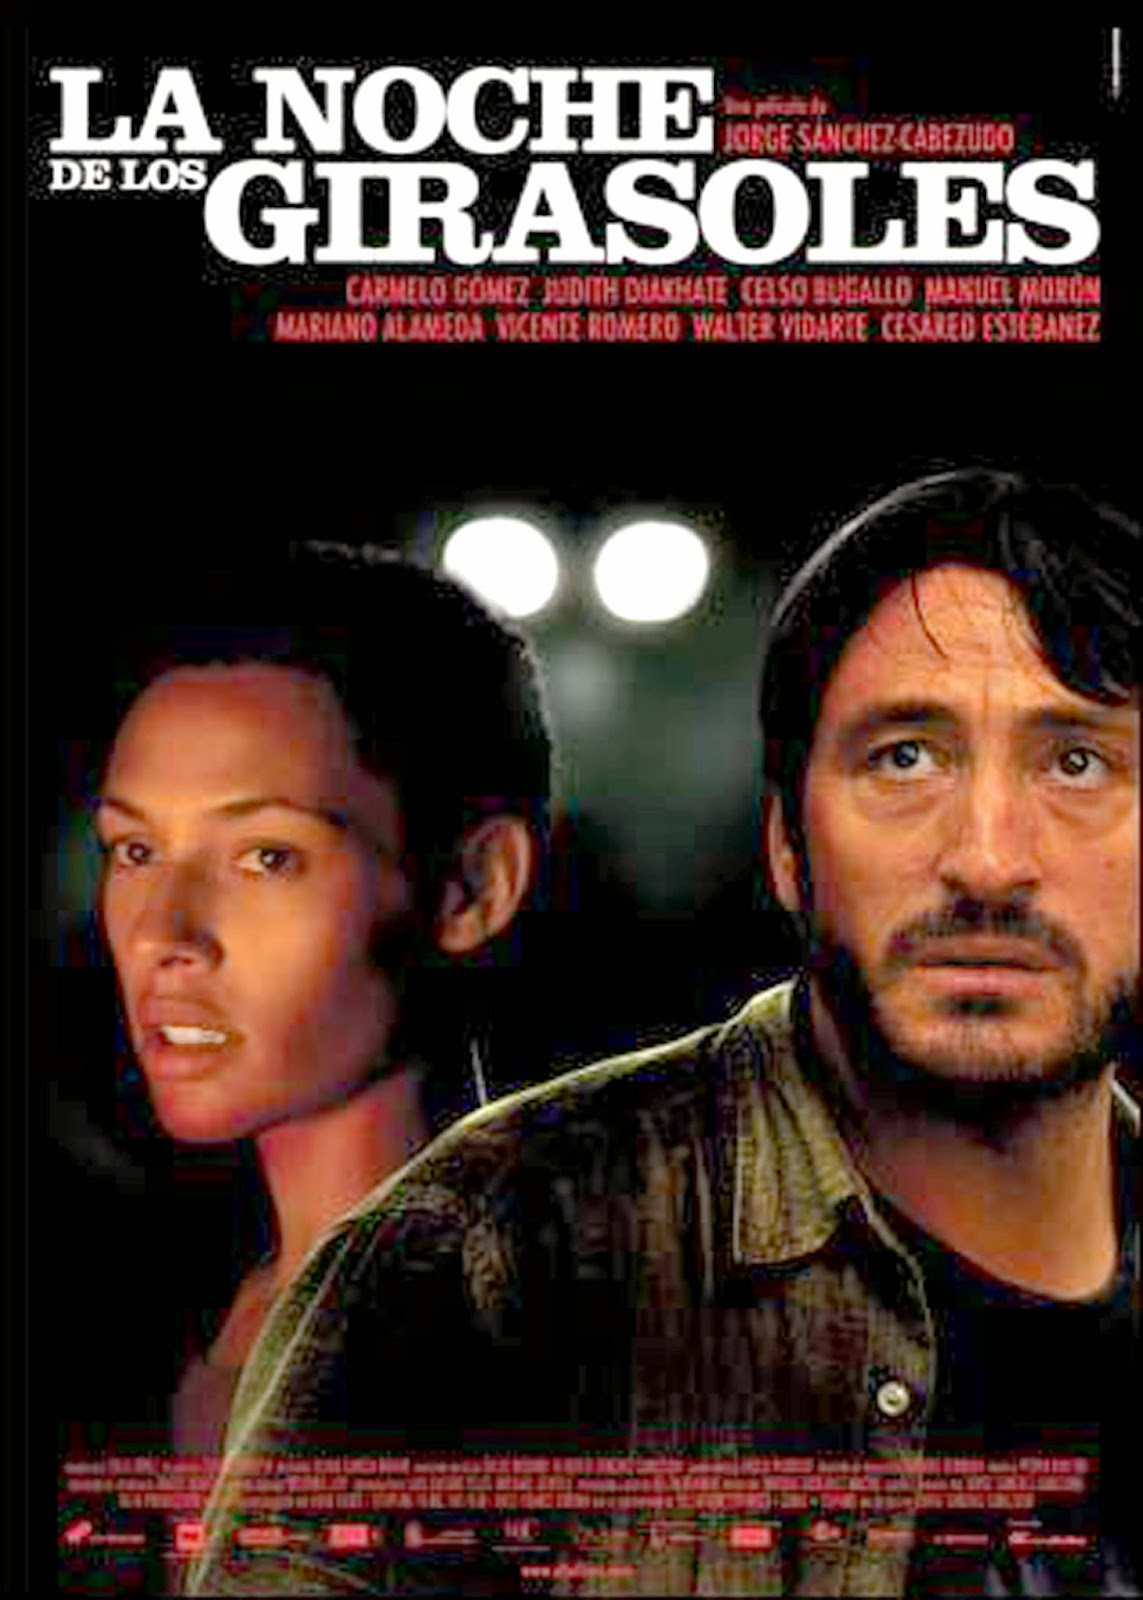 La noche de los girasoles (2006) Thriller